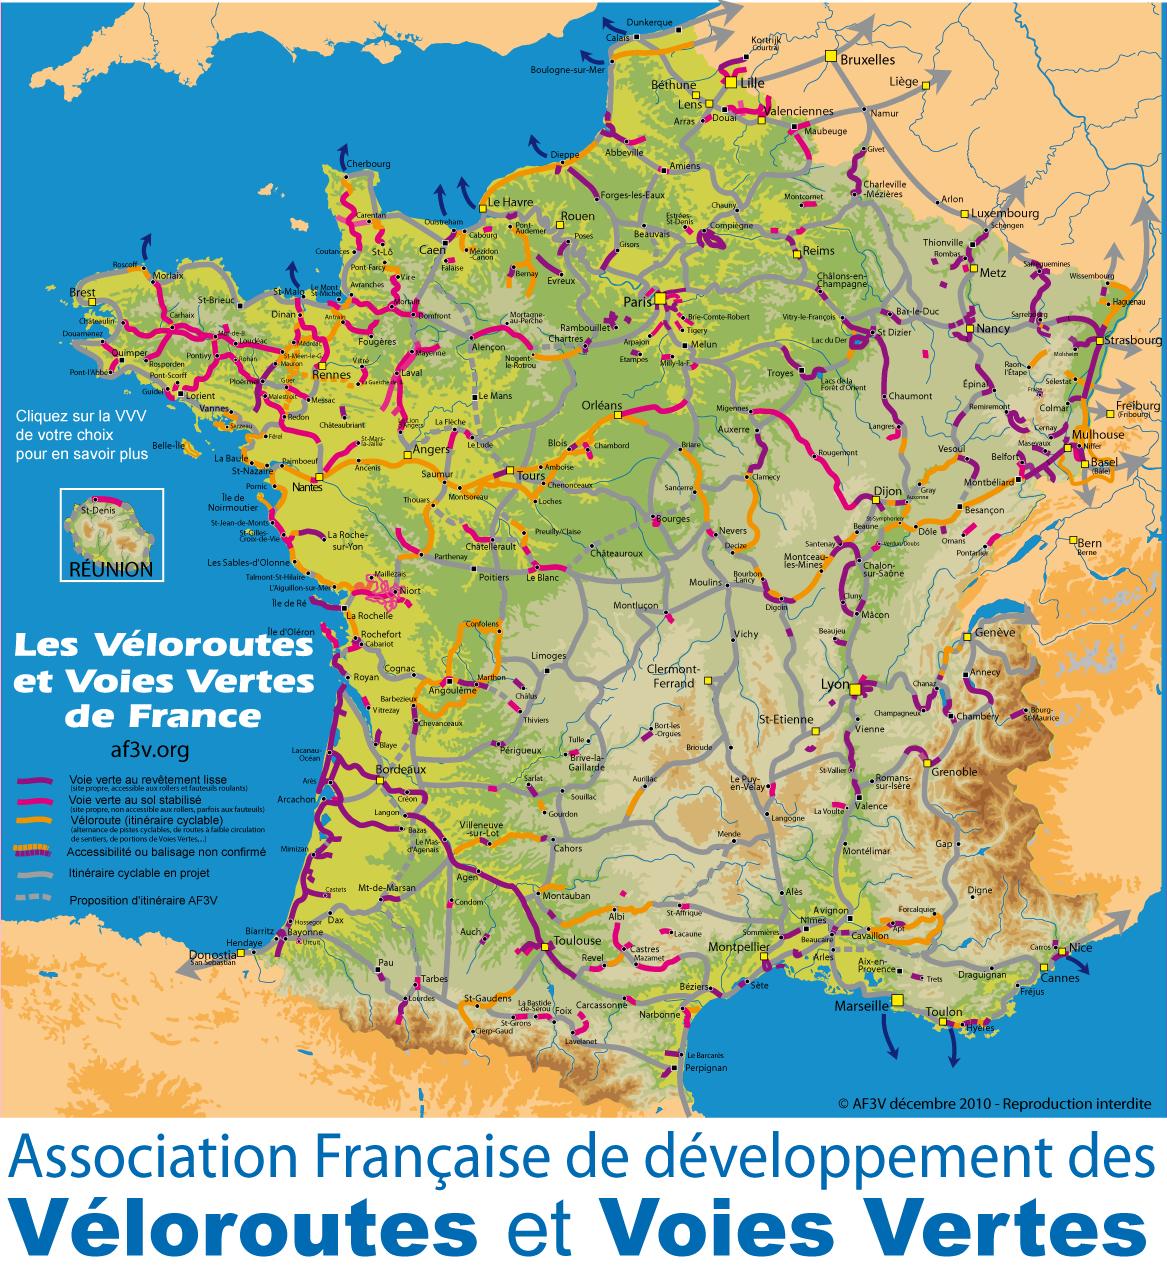 carte des voies vertes en france Carte des Voies Vertes de France Randonnées à Vélo Cyclotourisme